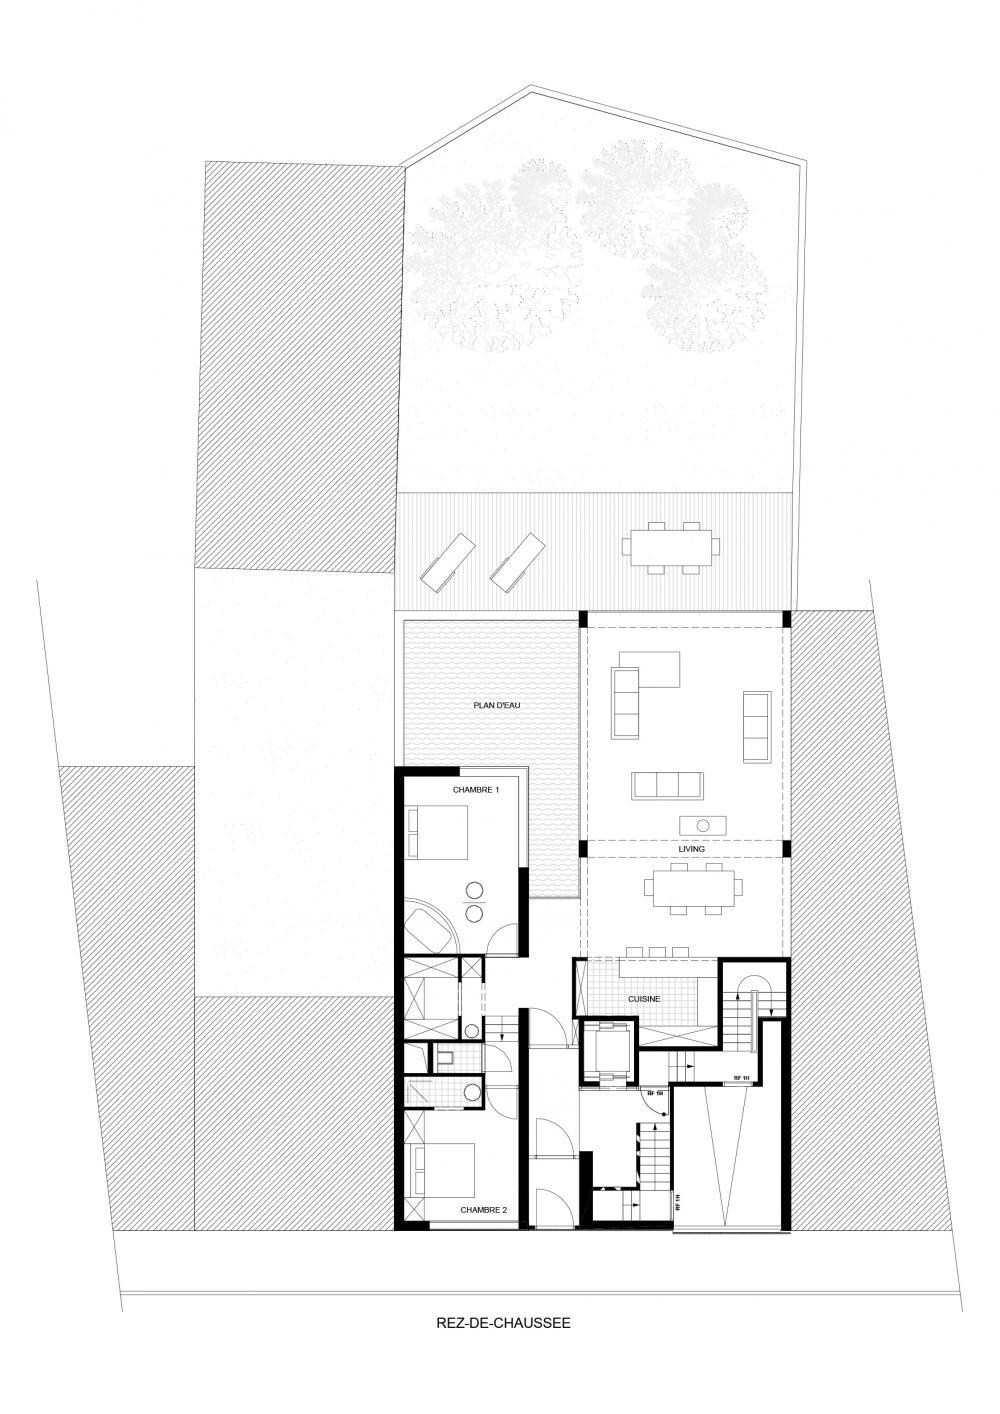 plan du rez-de-chaussée des logements Hector Denis